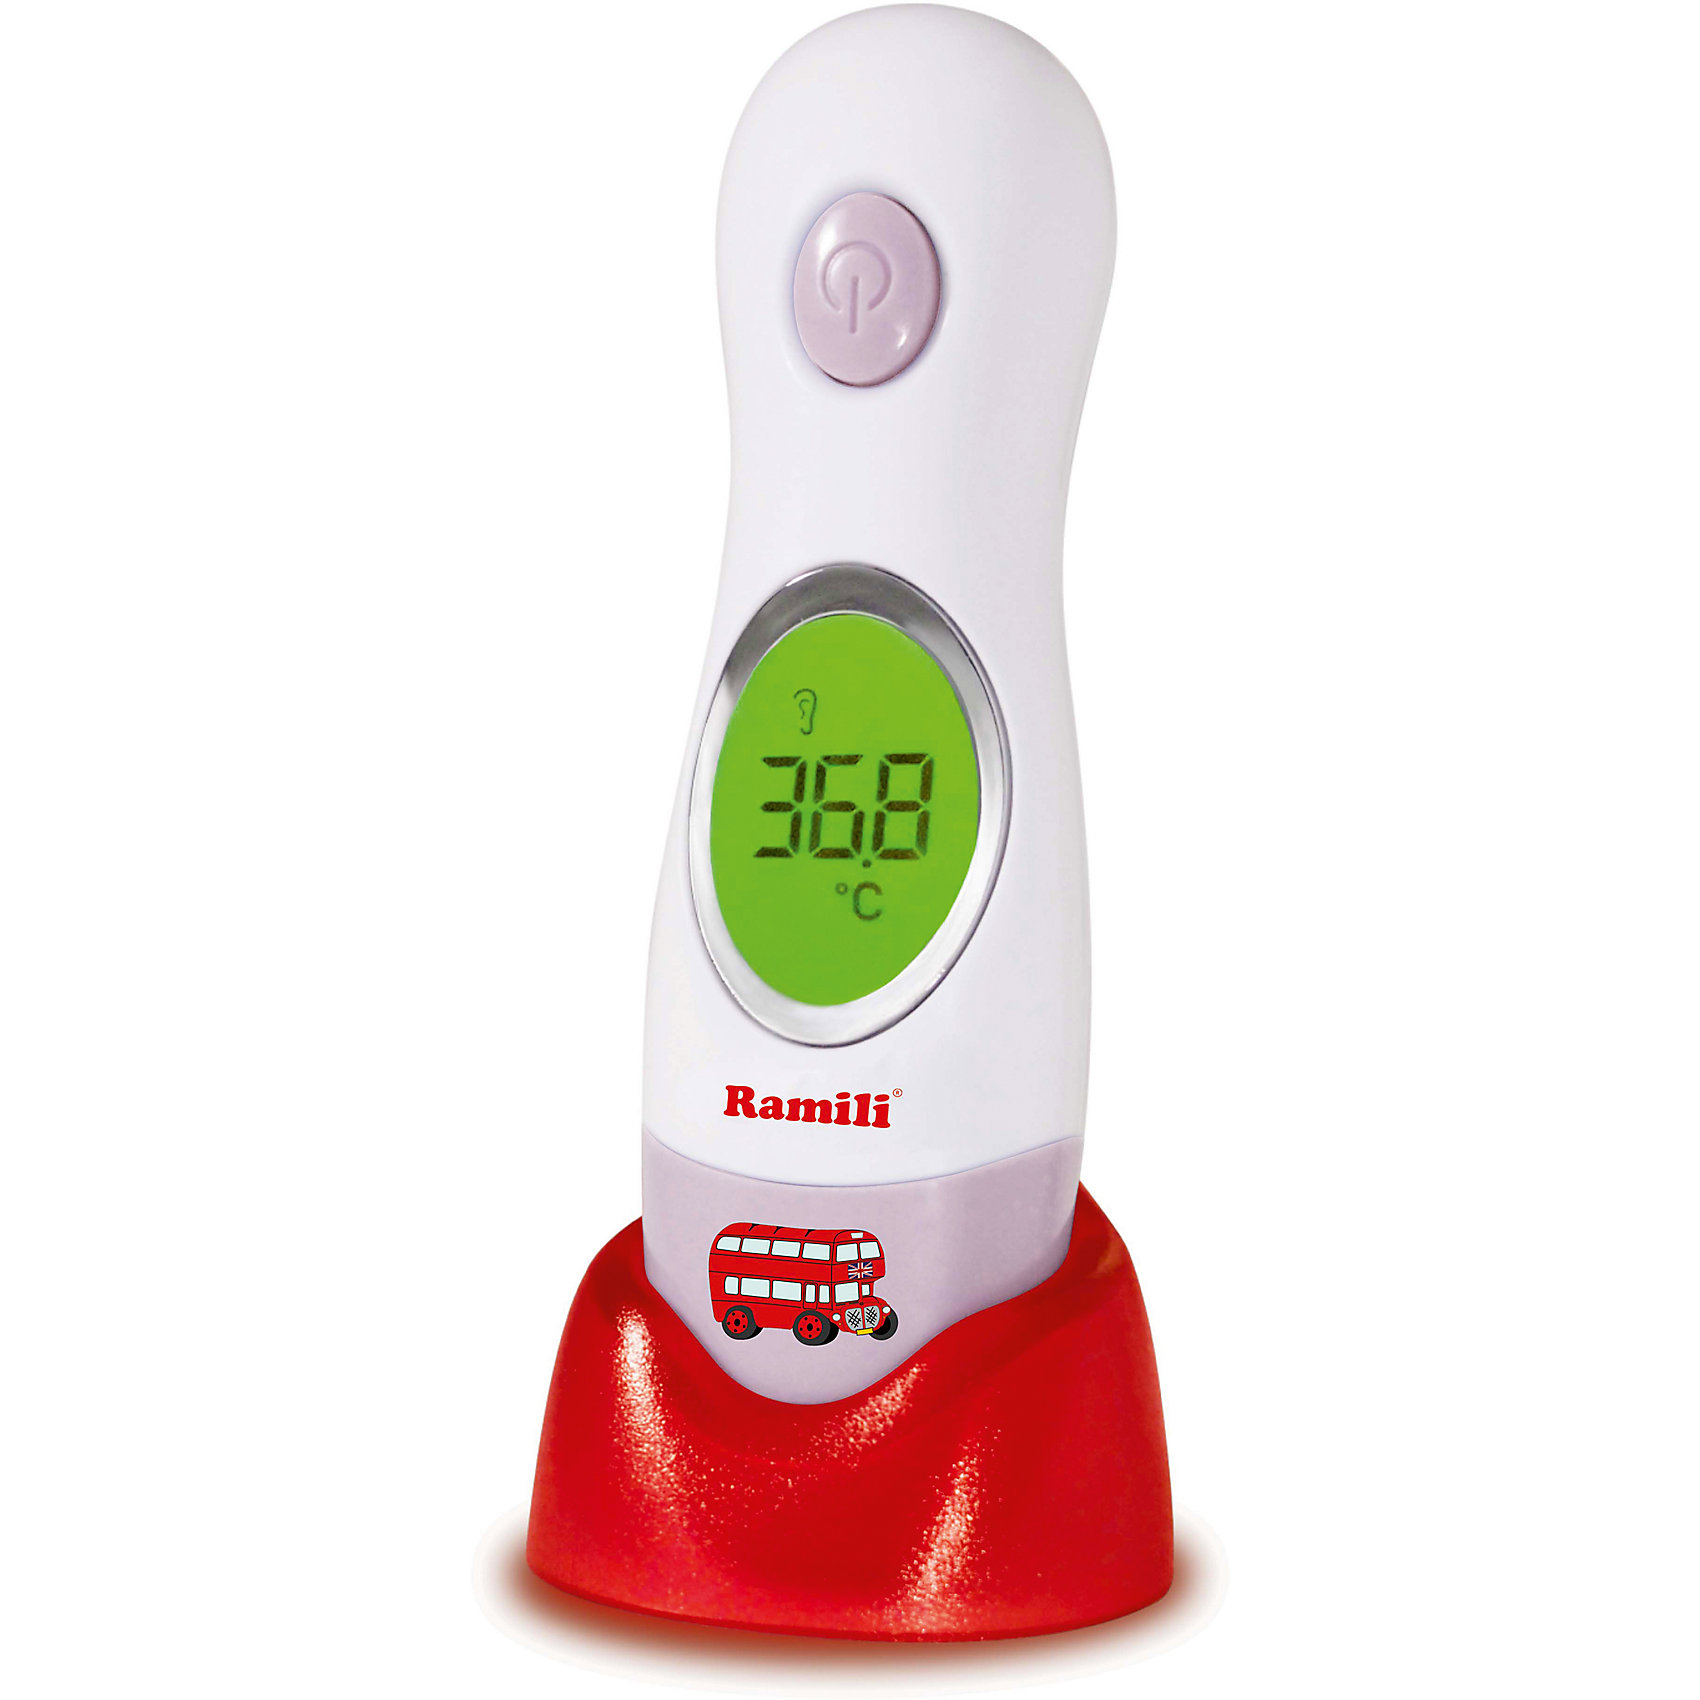 Ramili Инфракрасный ушной и лобный термометр ET3030 4 в 1, Ramili